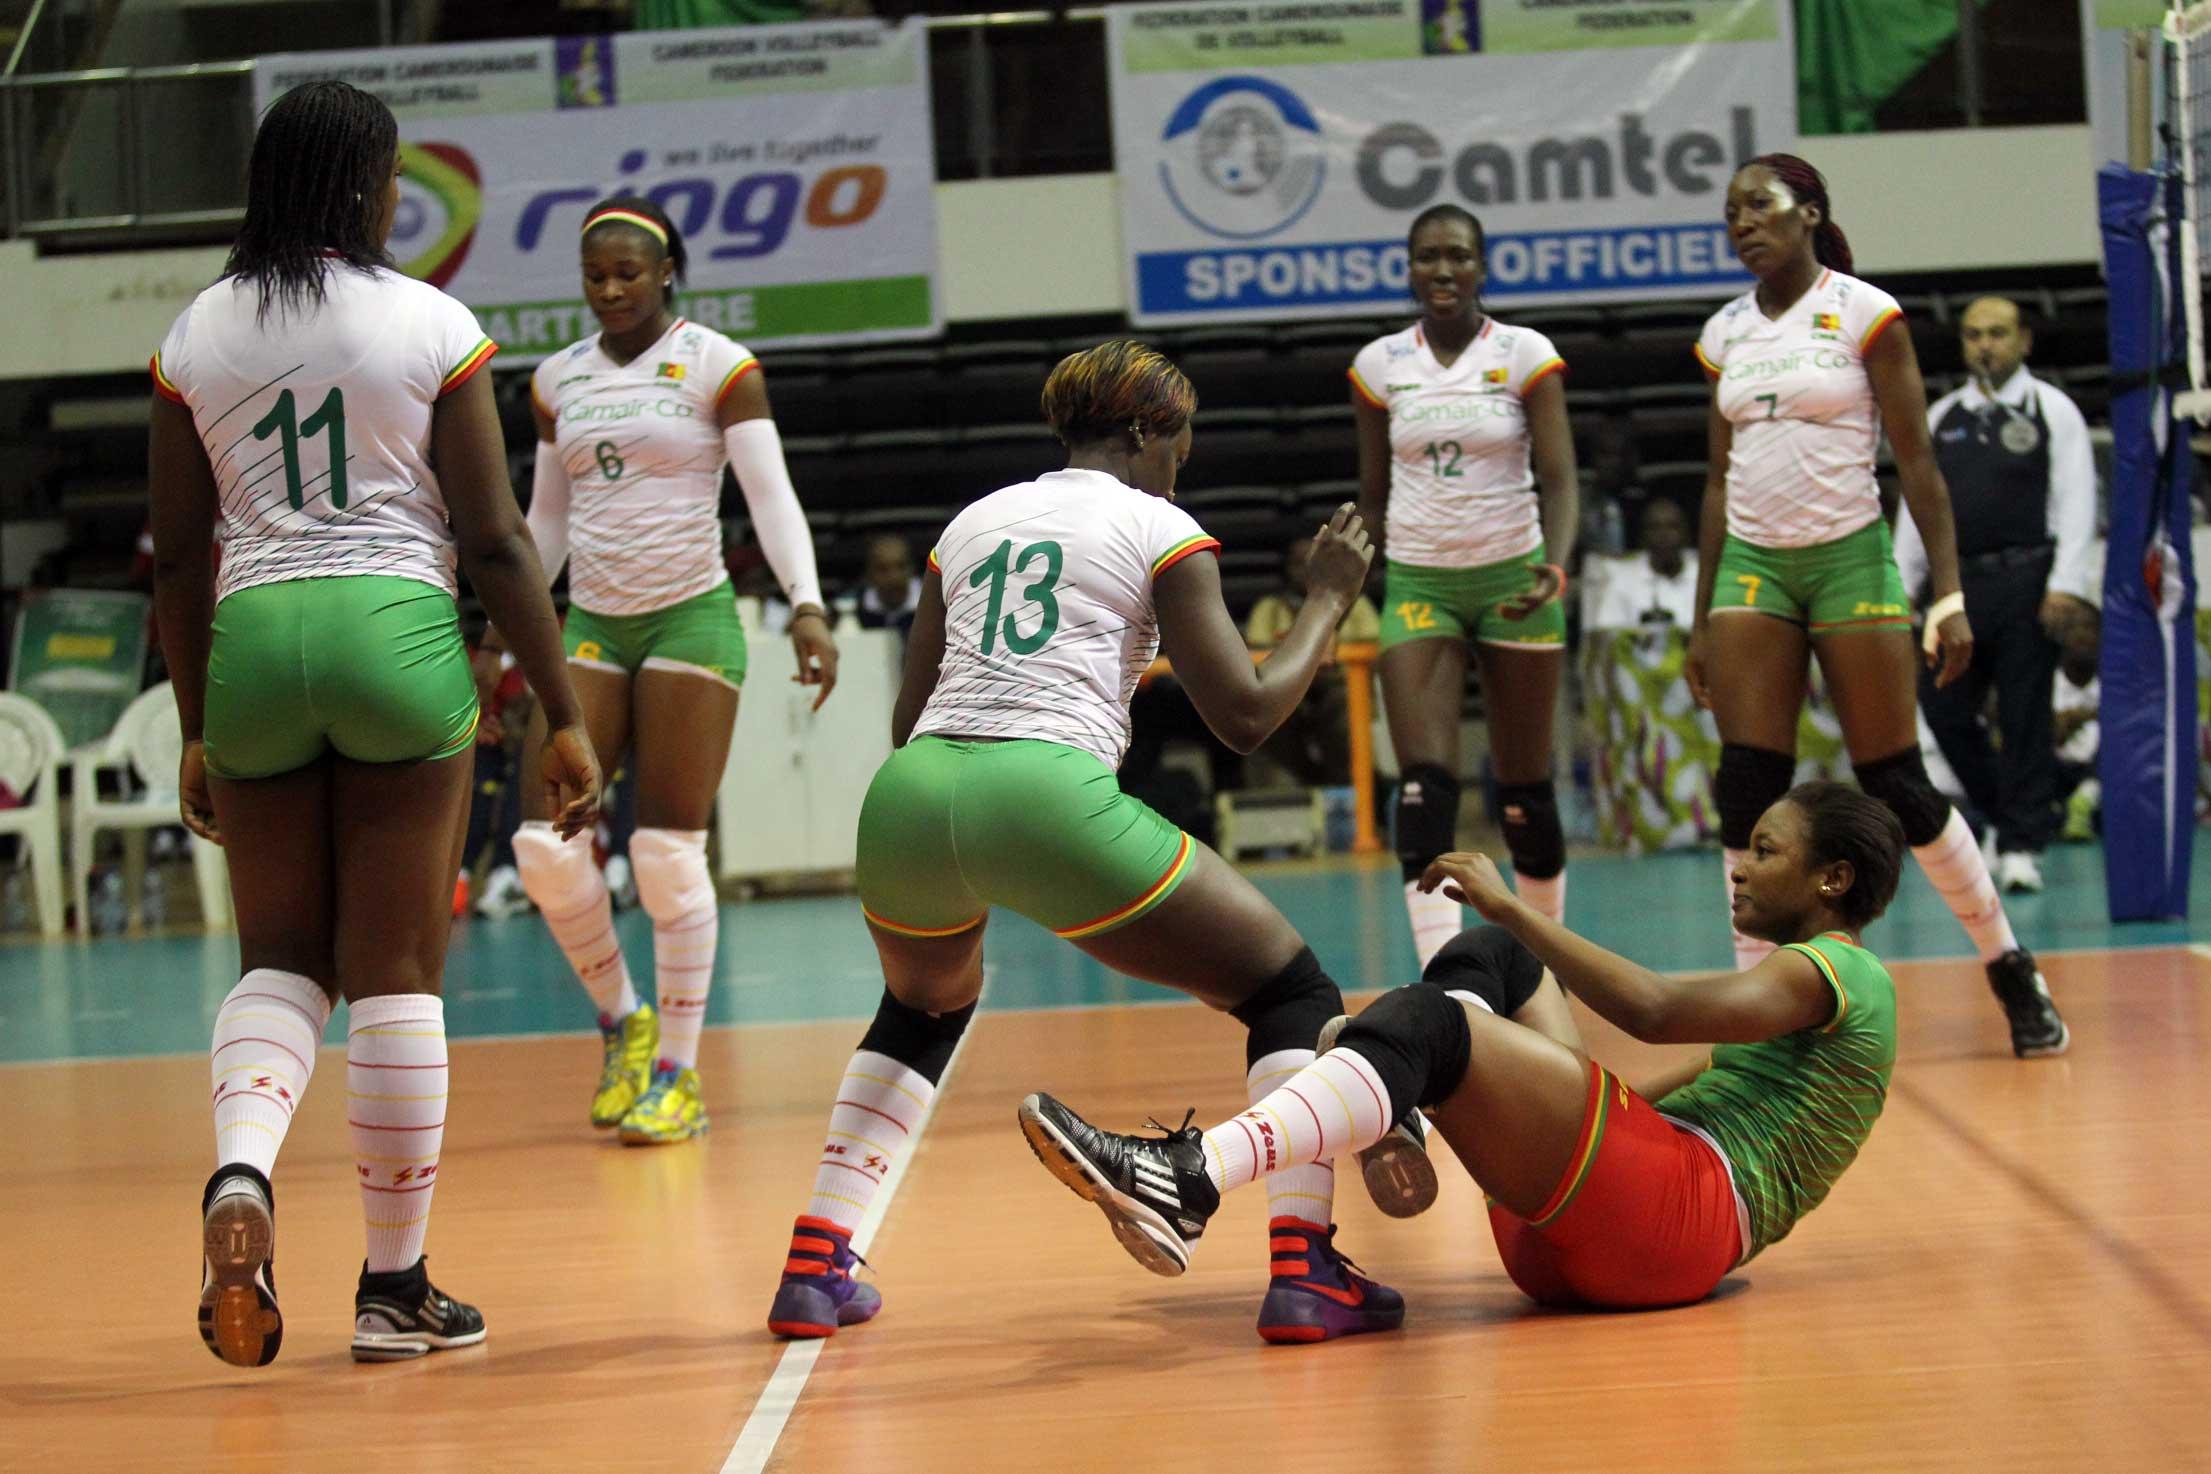 Volley-ball : Les Camerounaises championnes d'Afrique